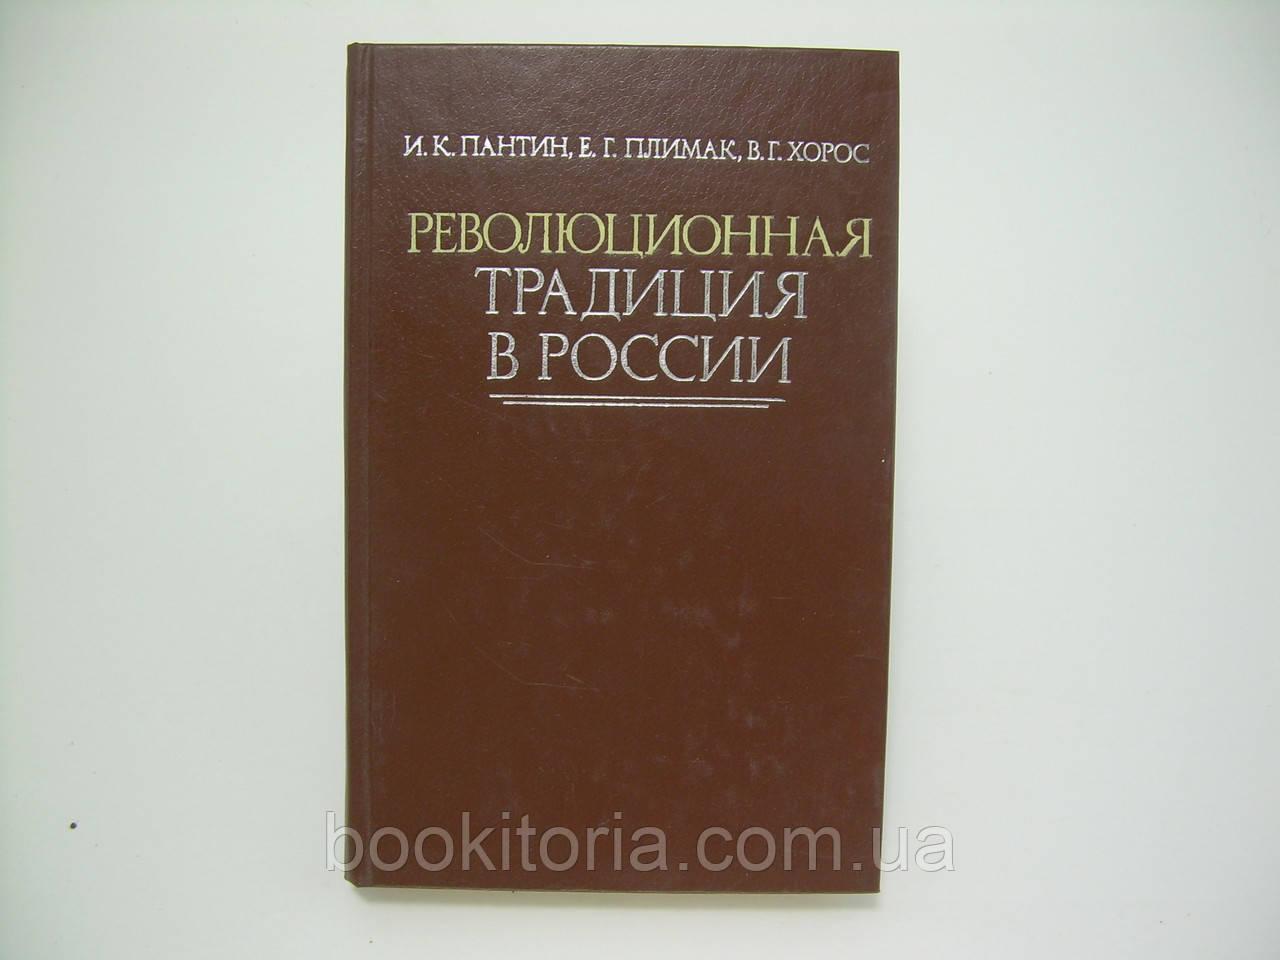 Панкин И.К. и др. Революционная традиция в России (б/у).